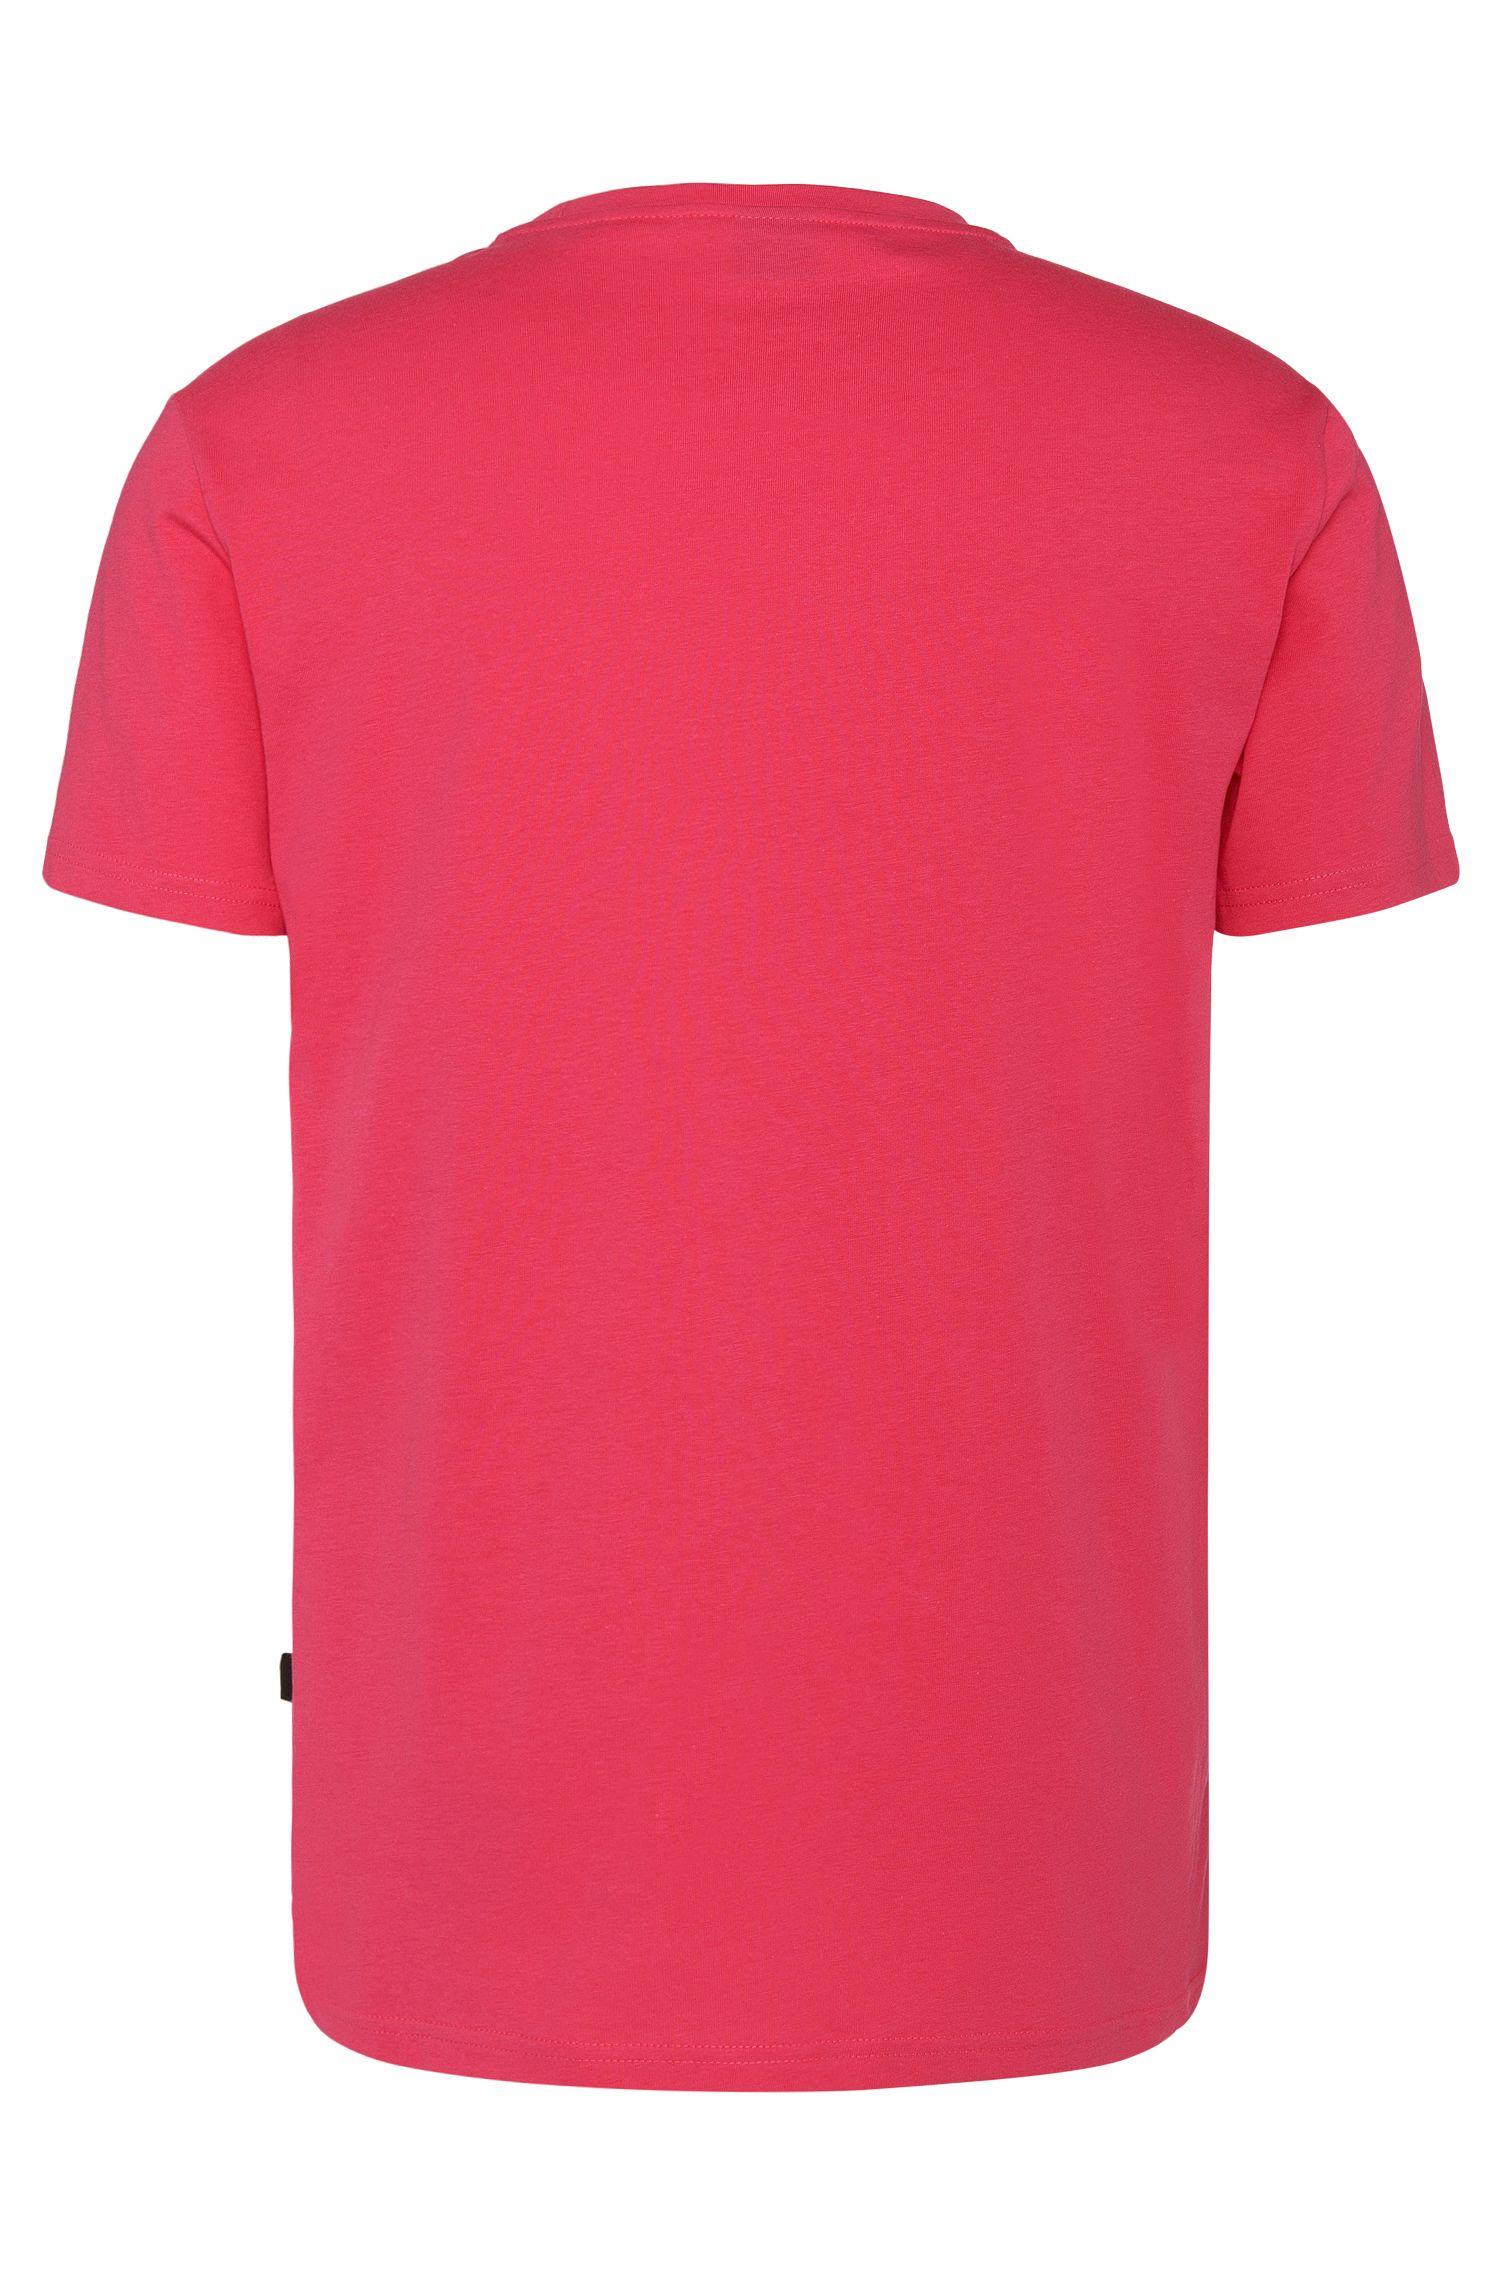 T-Shirt aus Baumwolle mit UV-Schutz: 'T-Shirt RN UV-Protection'